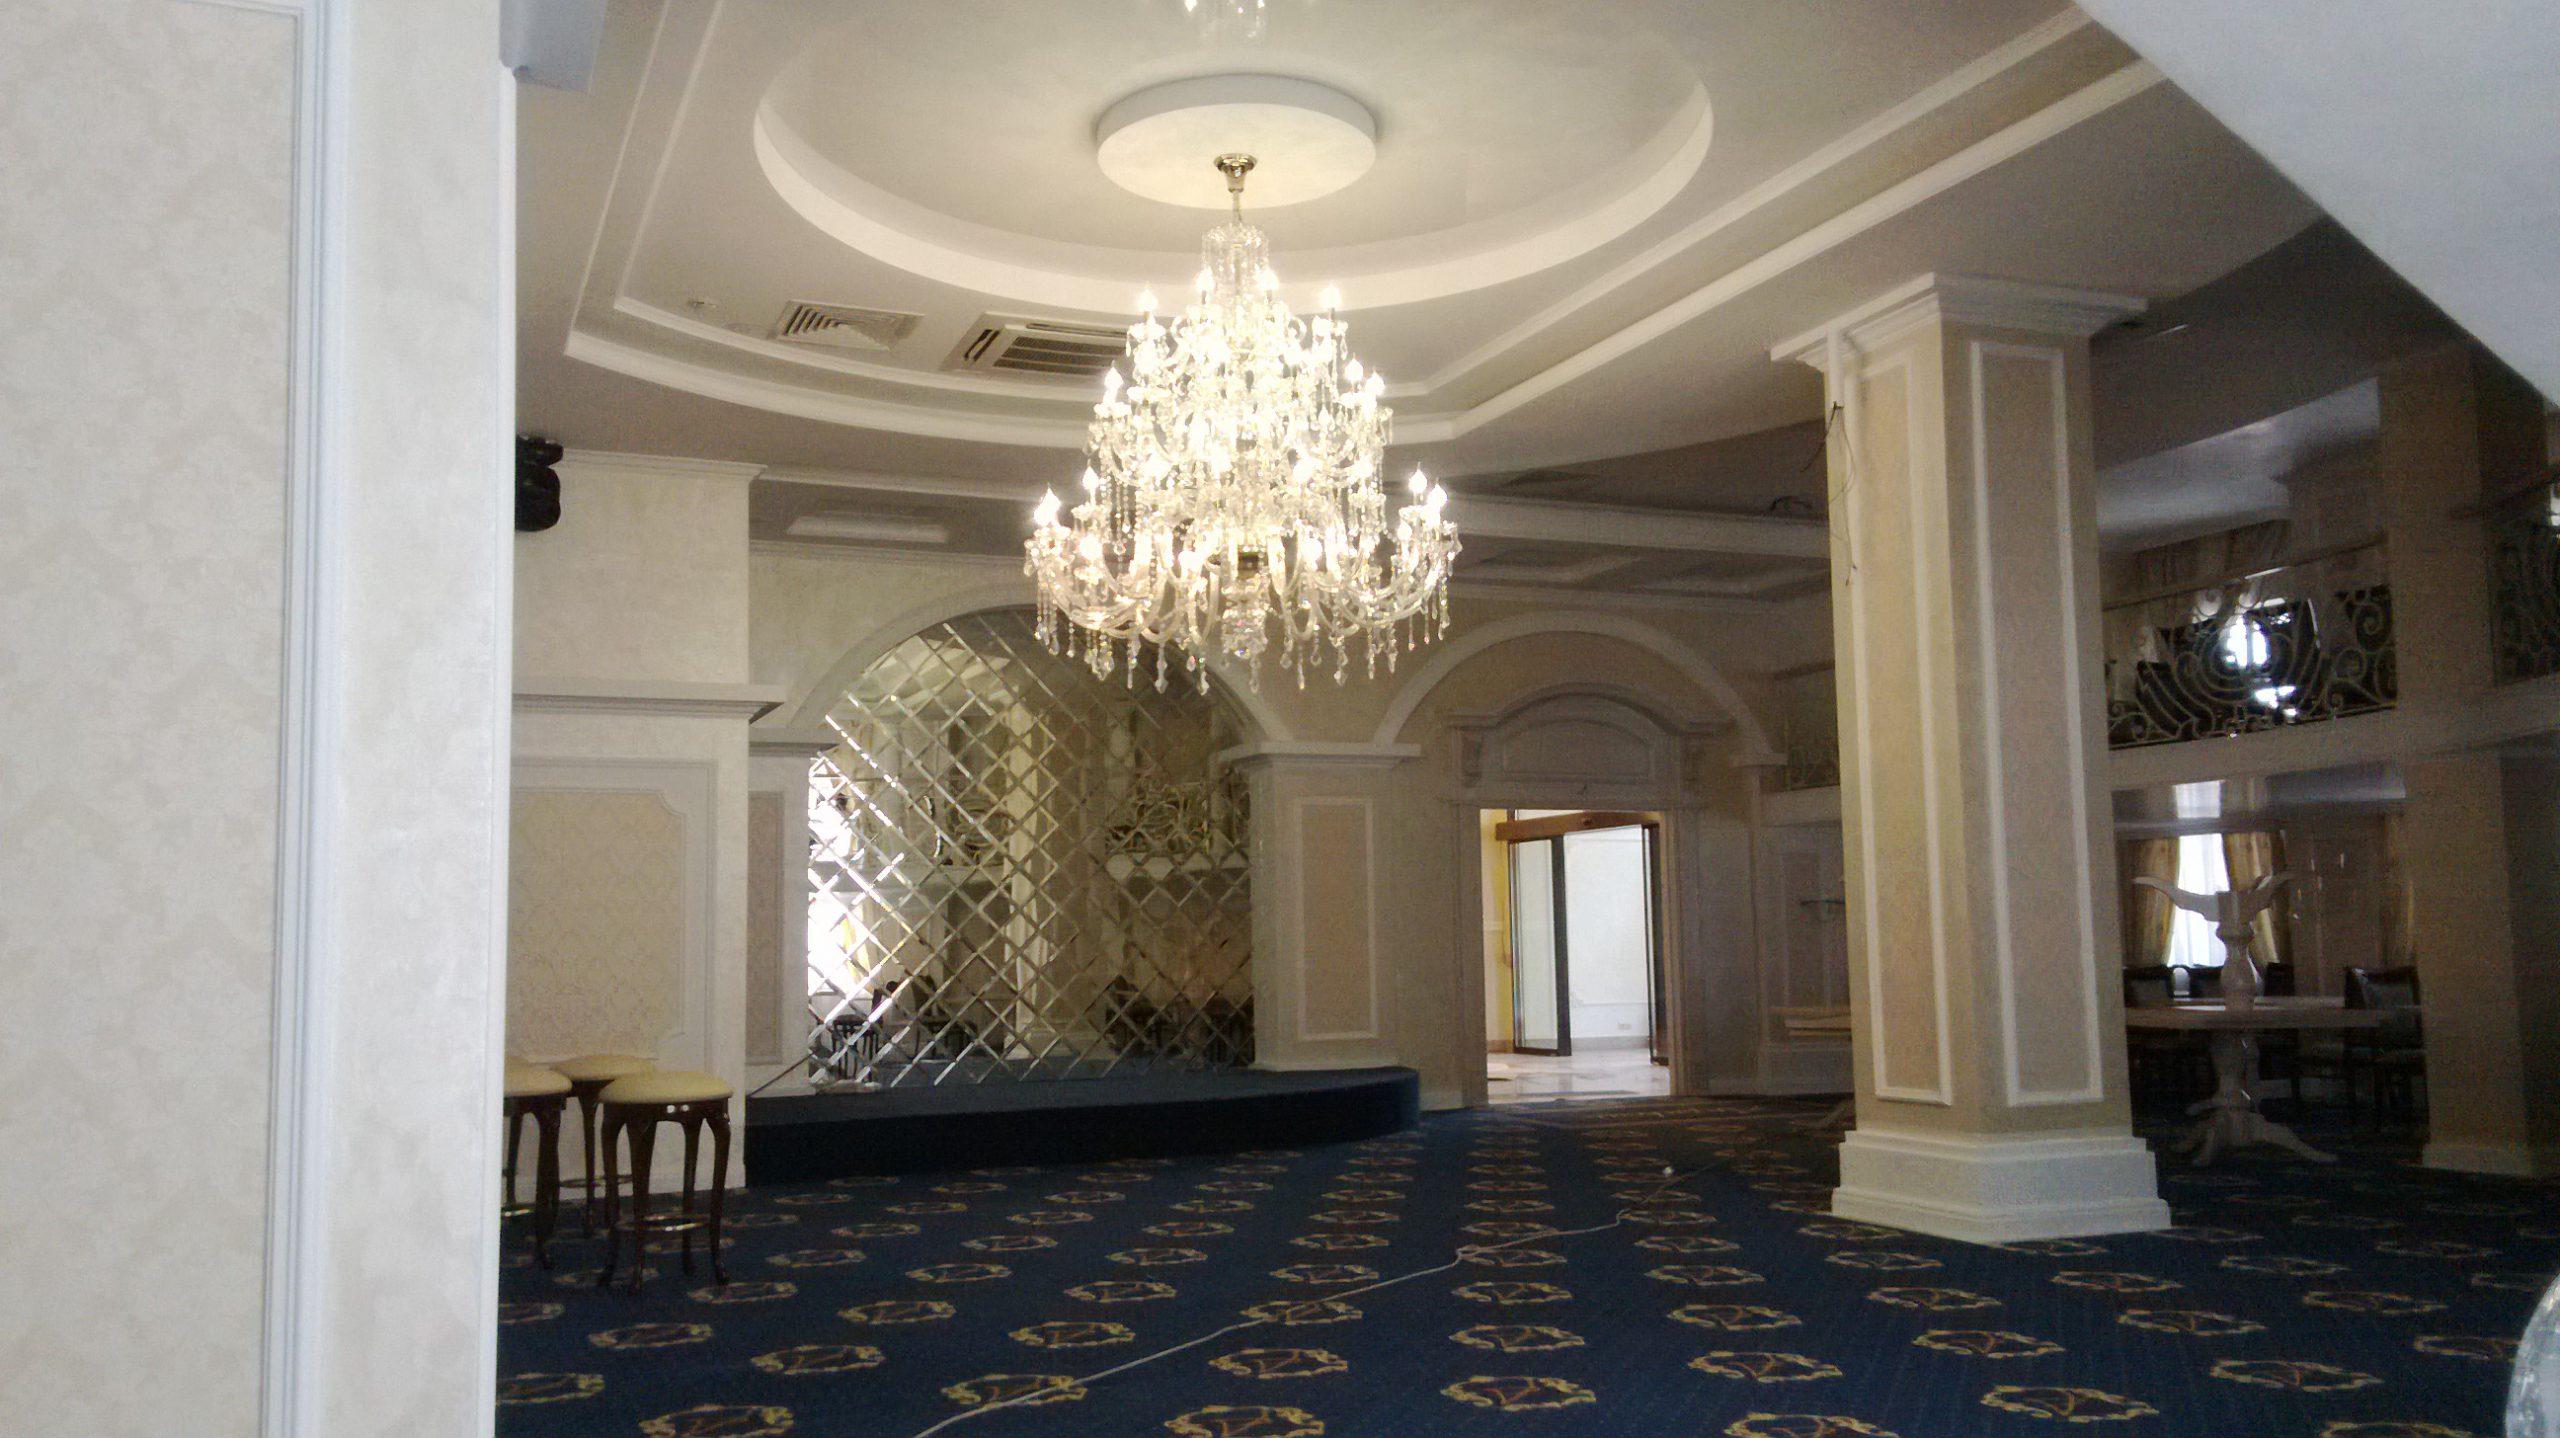 Ресторан «Апраксин» — многоуровневый потолок, возведение и отделка колон и стен, настил ковролина